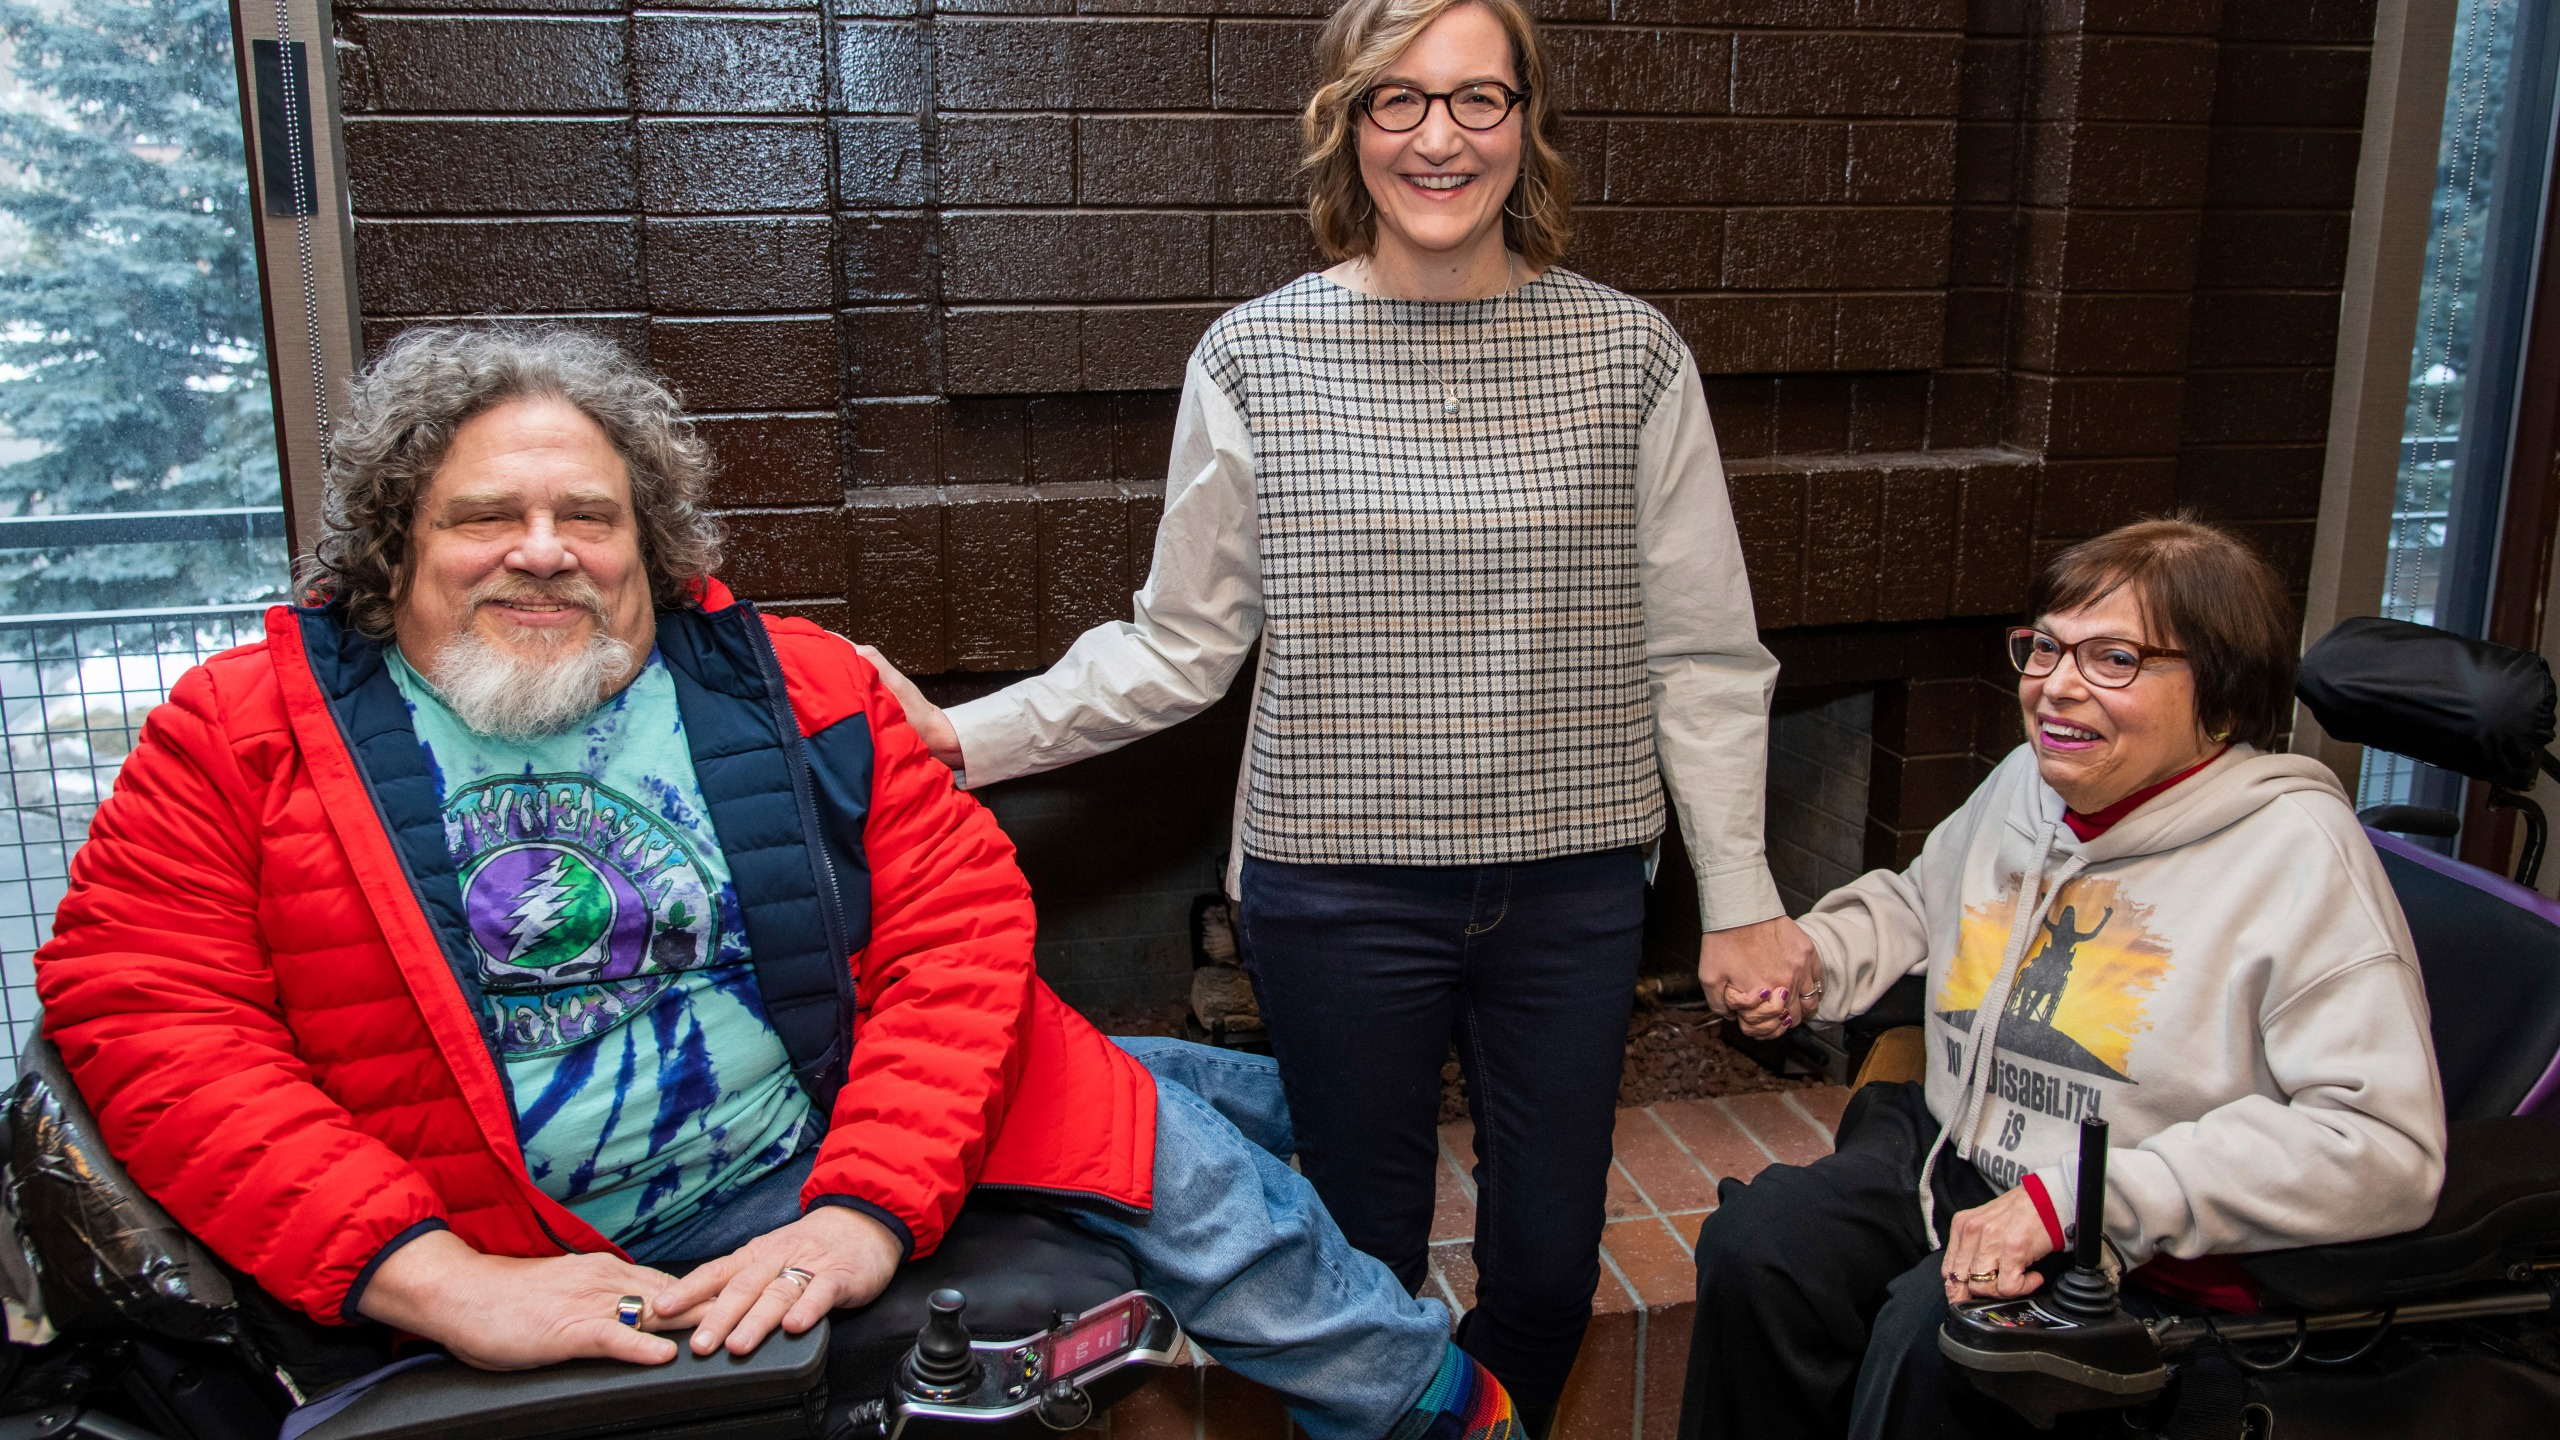 Jim LeBrech, Nicole Newnham, Judith Heumann